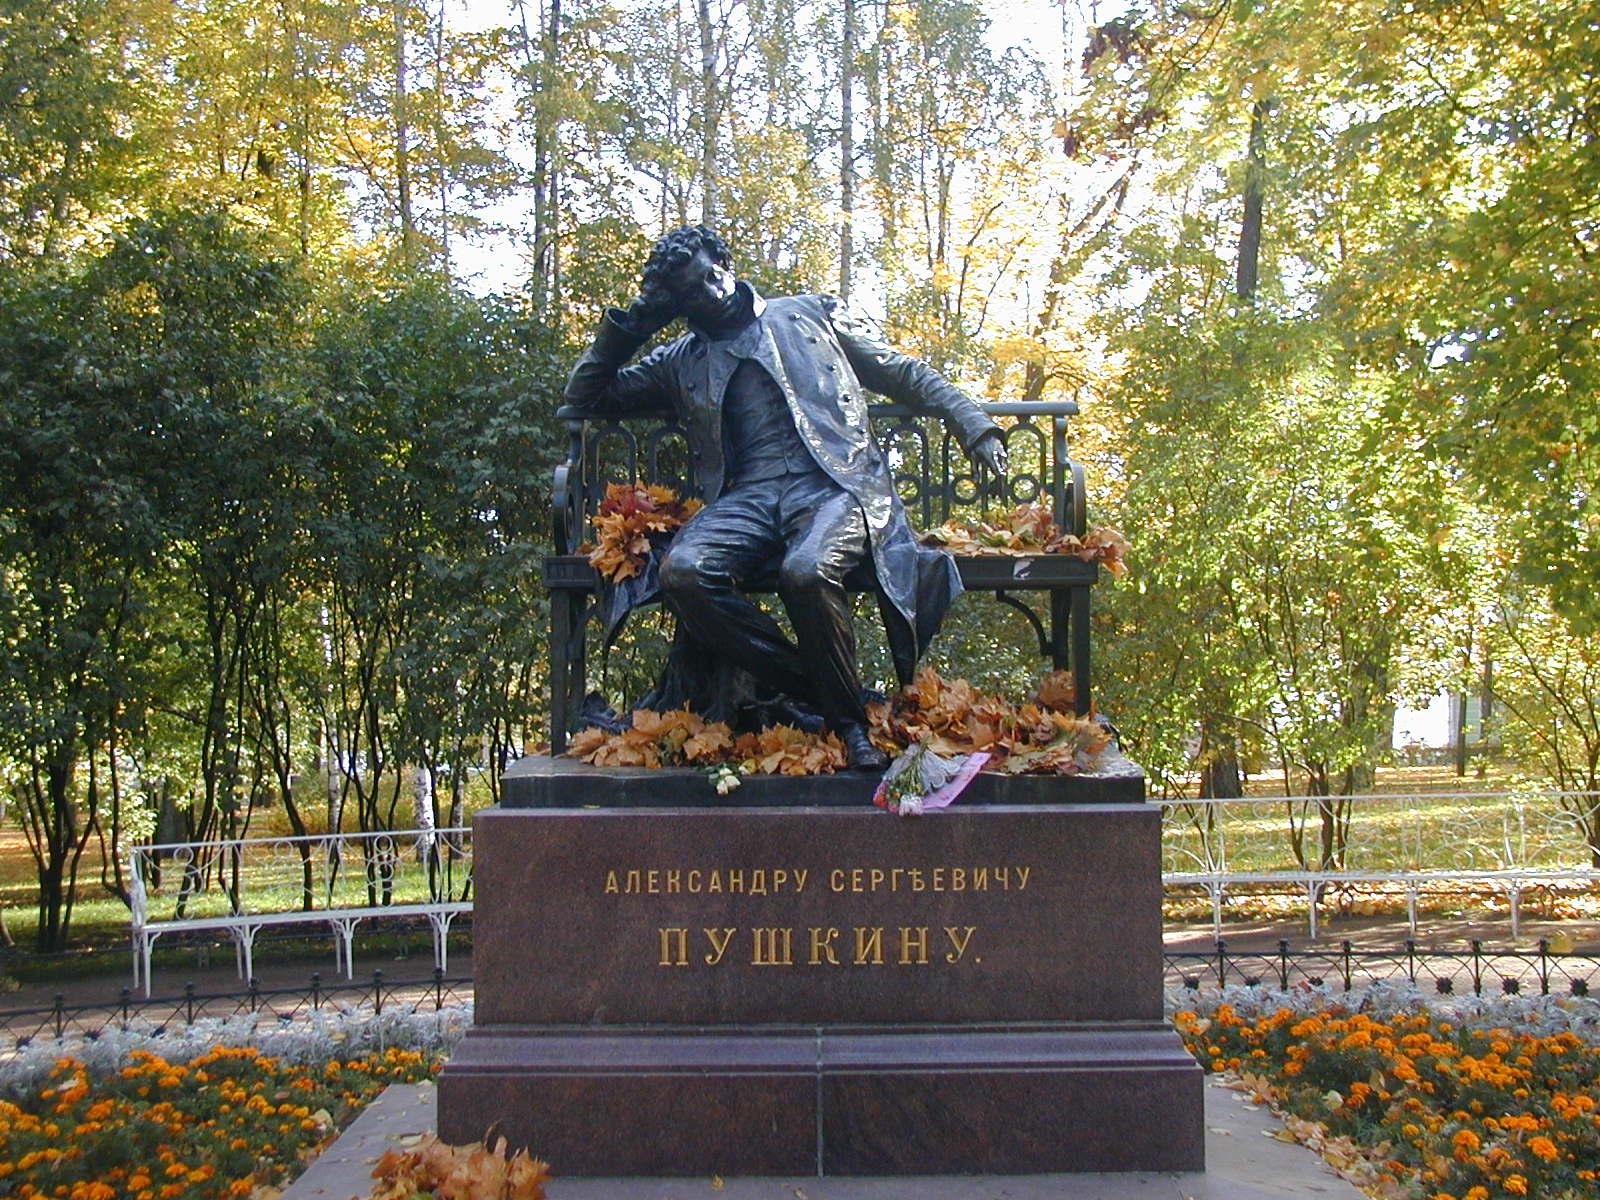 Памятник пушкину в царском селе википедия купить памятник на могилу в новосибирске недорого